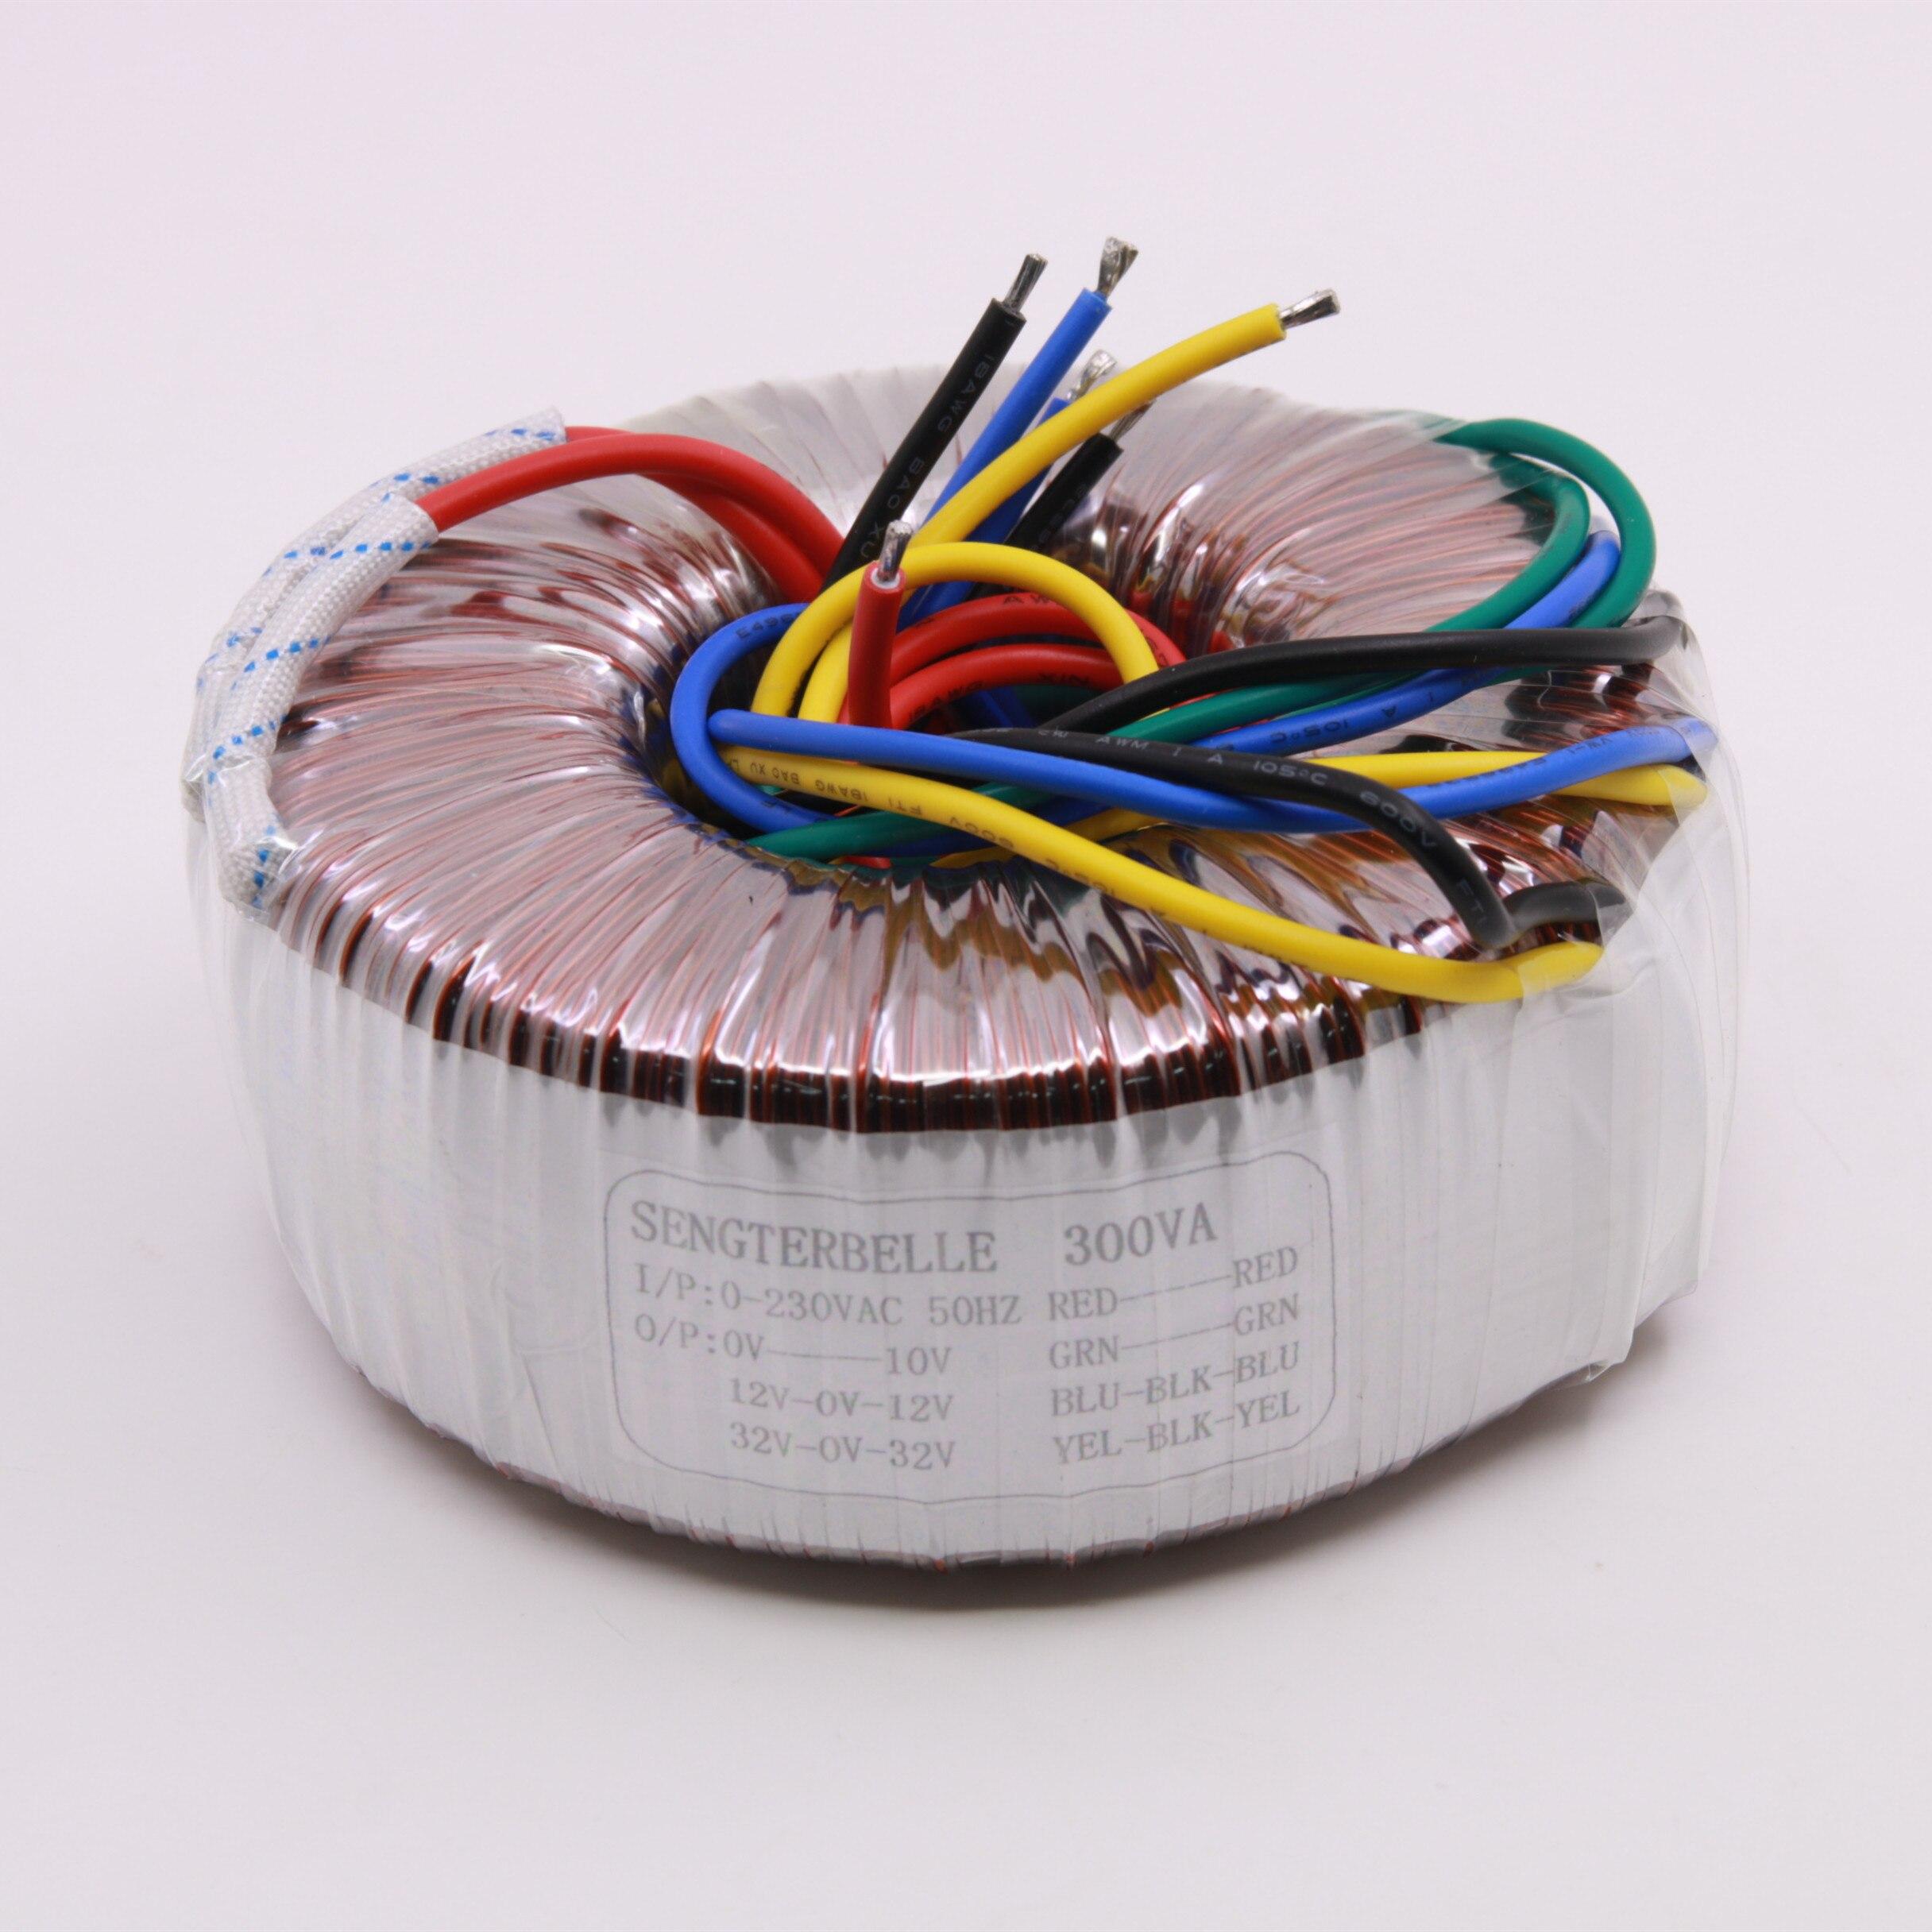 300W Audio Toroidal Transformer Output: 32V-0-32V, 12V-0V-12V, 0-10V High Quality Pure Copper Power Transformer